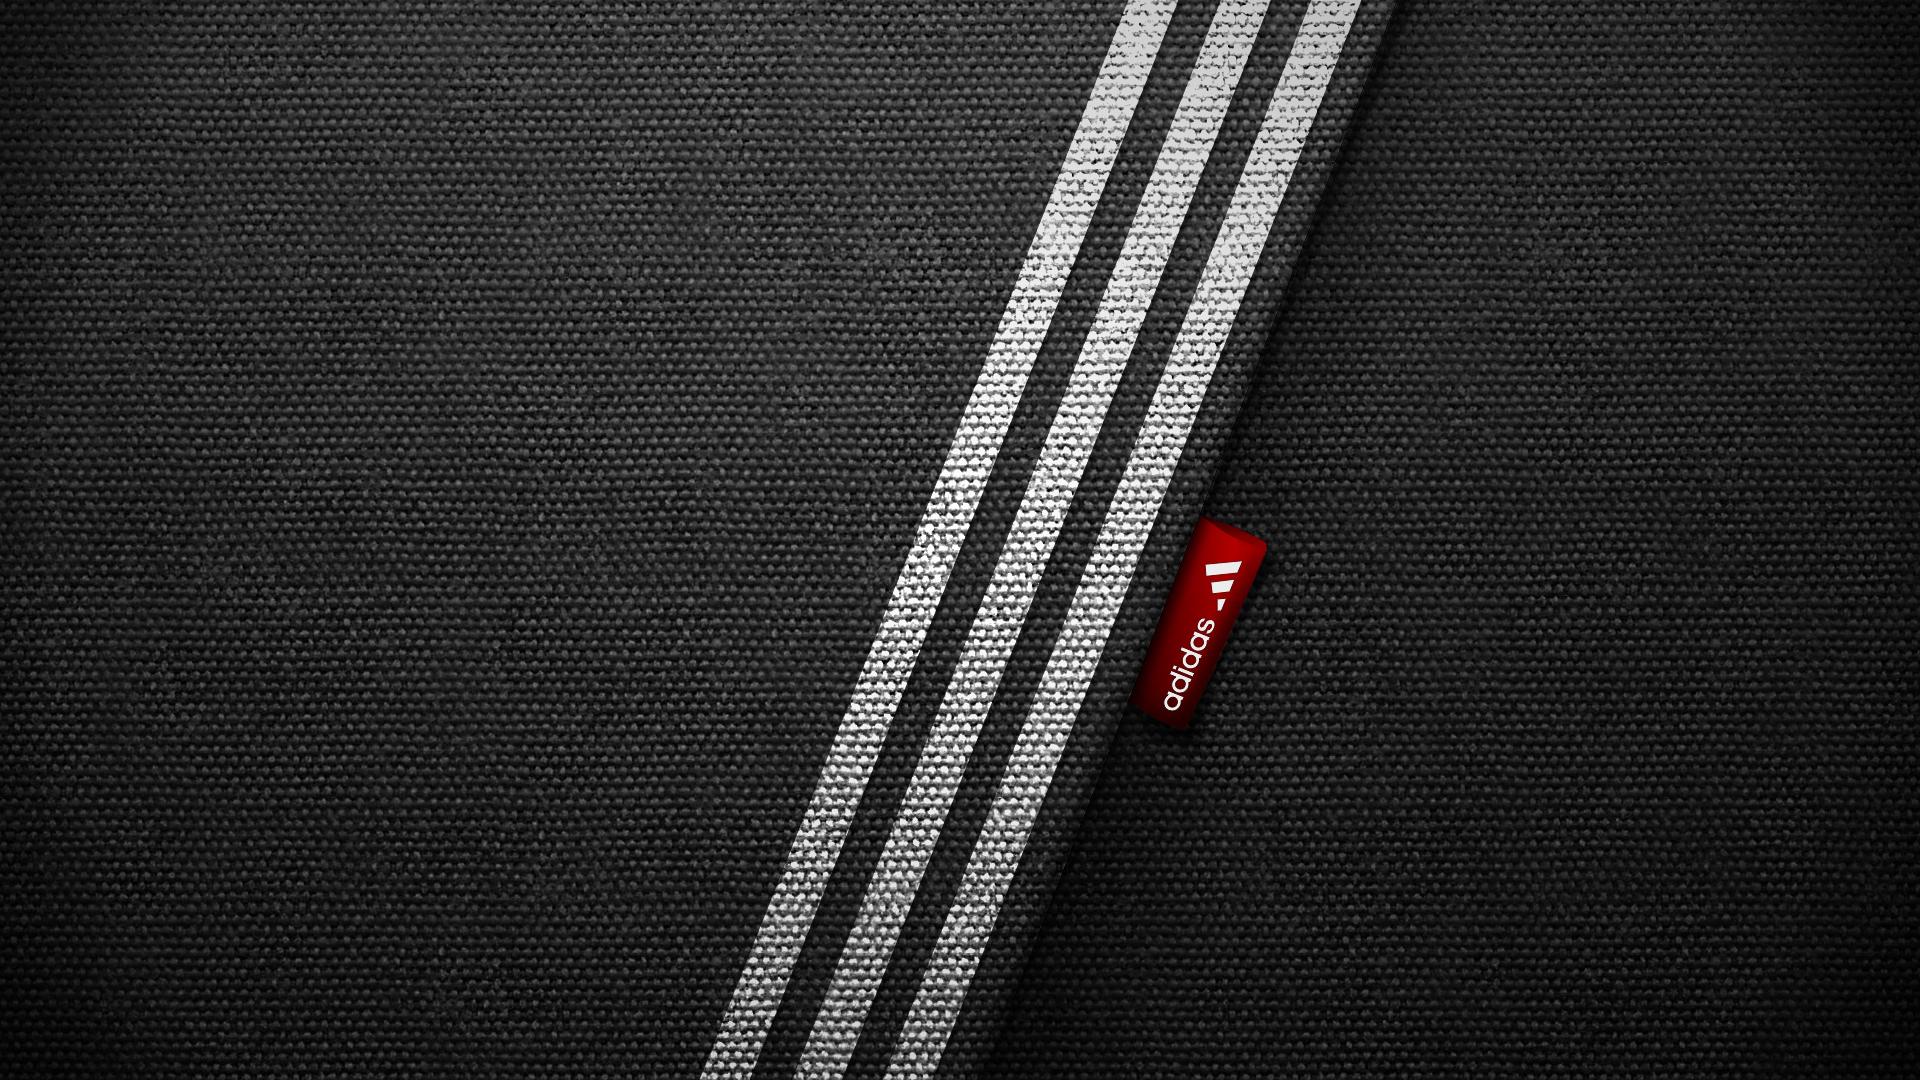 12463 Заставки и Обои Бренды на телефон. Скачать Бренды, Адидас (Adidas), Логотипы картинки бесплатно